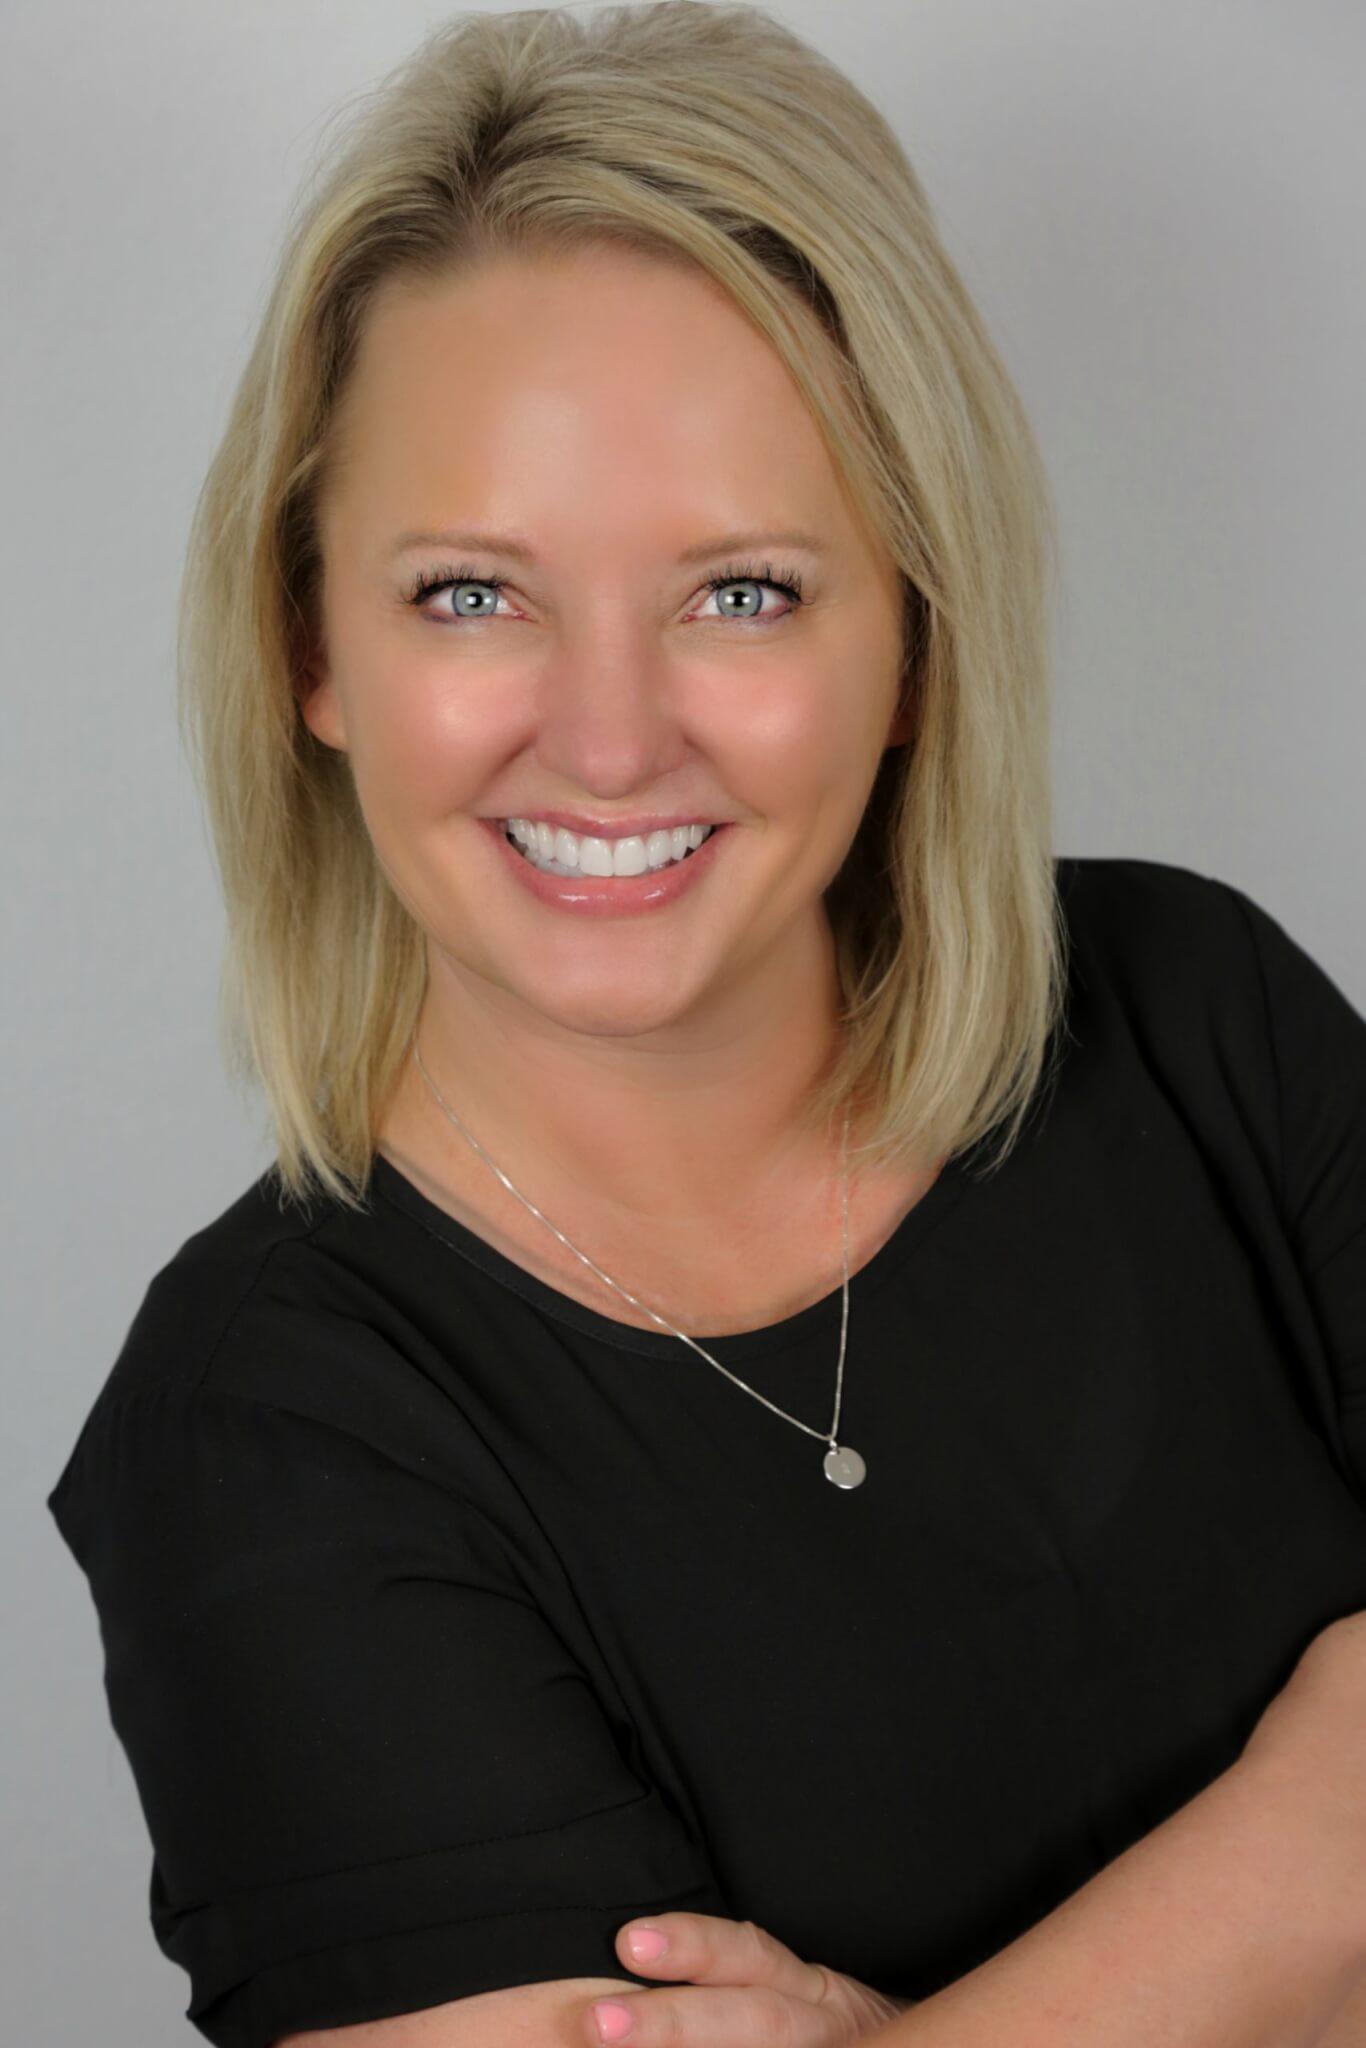 Heidi Mattice